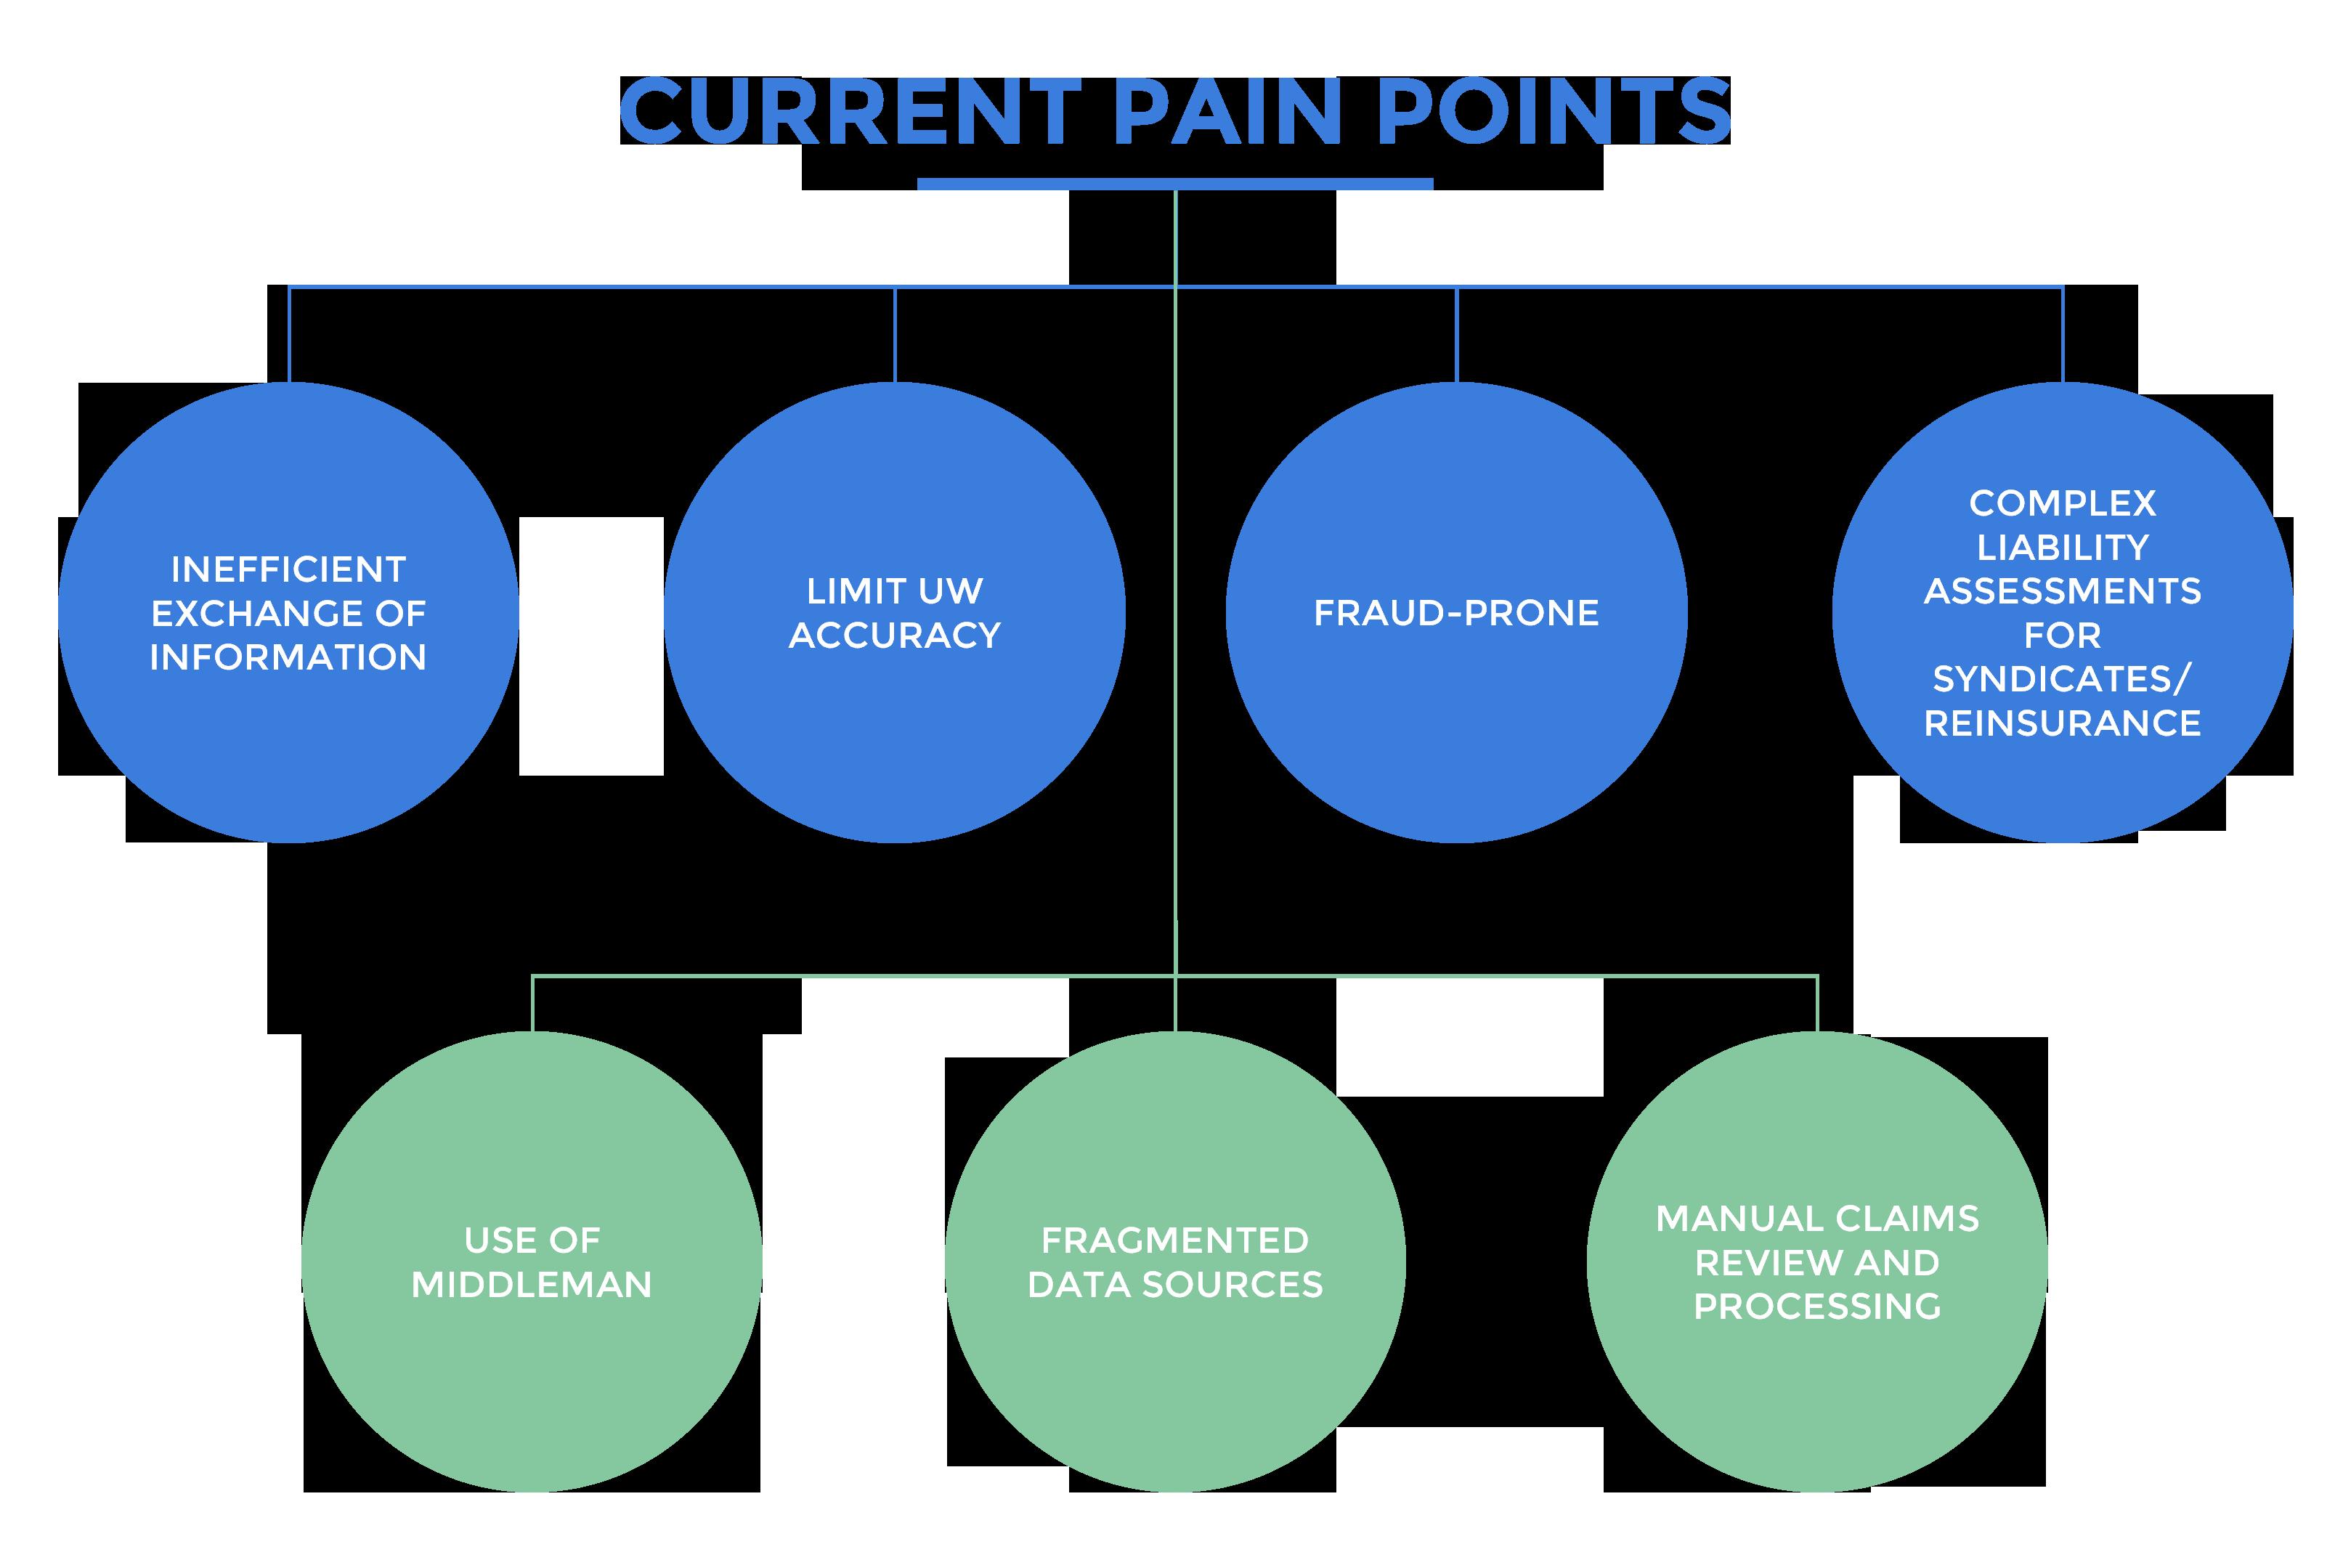 CURRENT PAIN POINTS